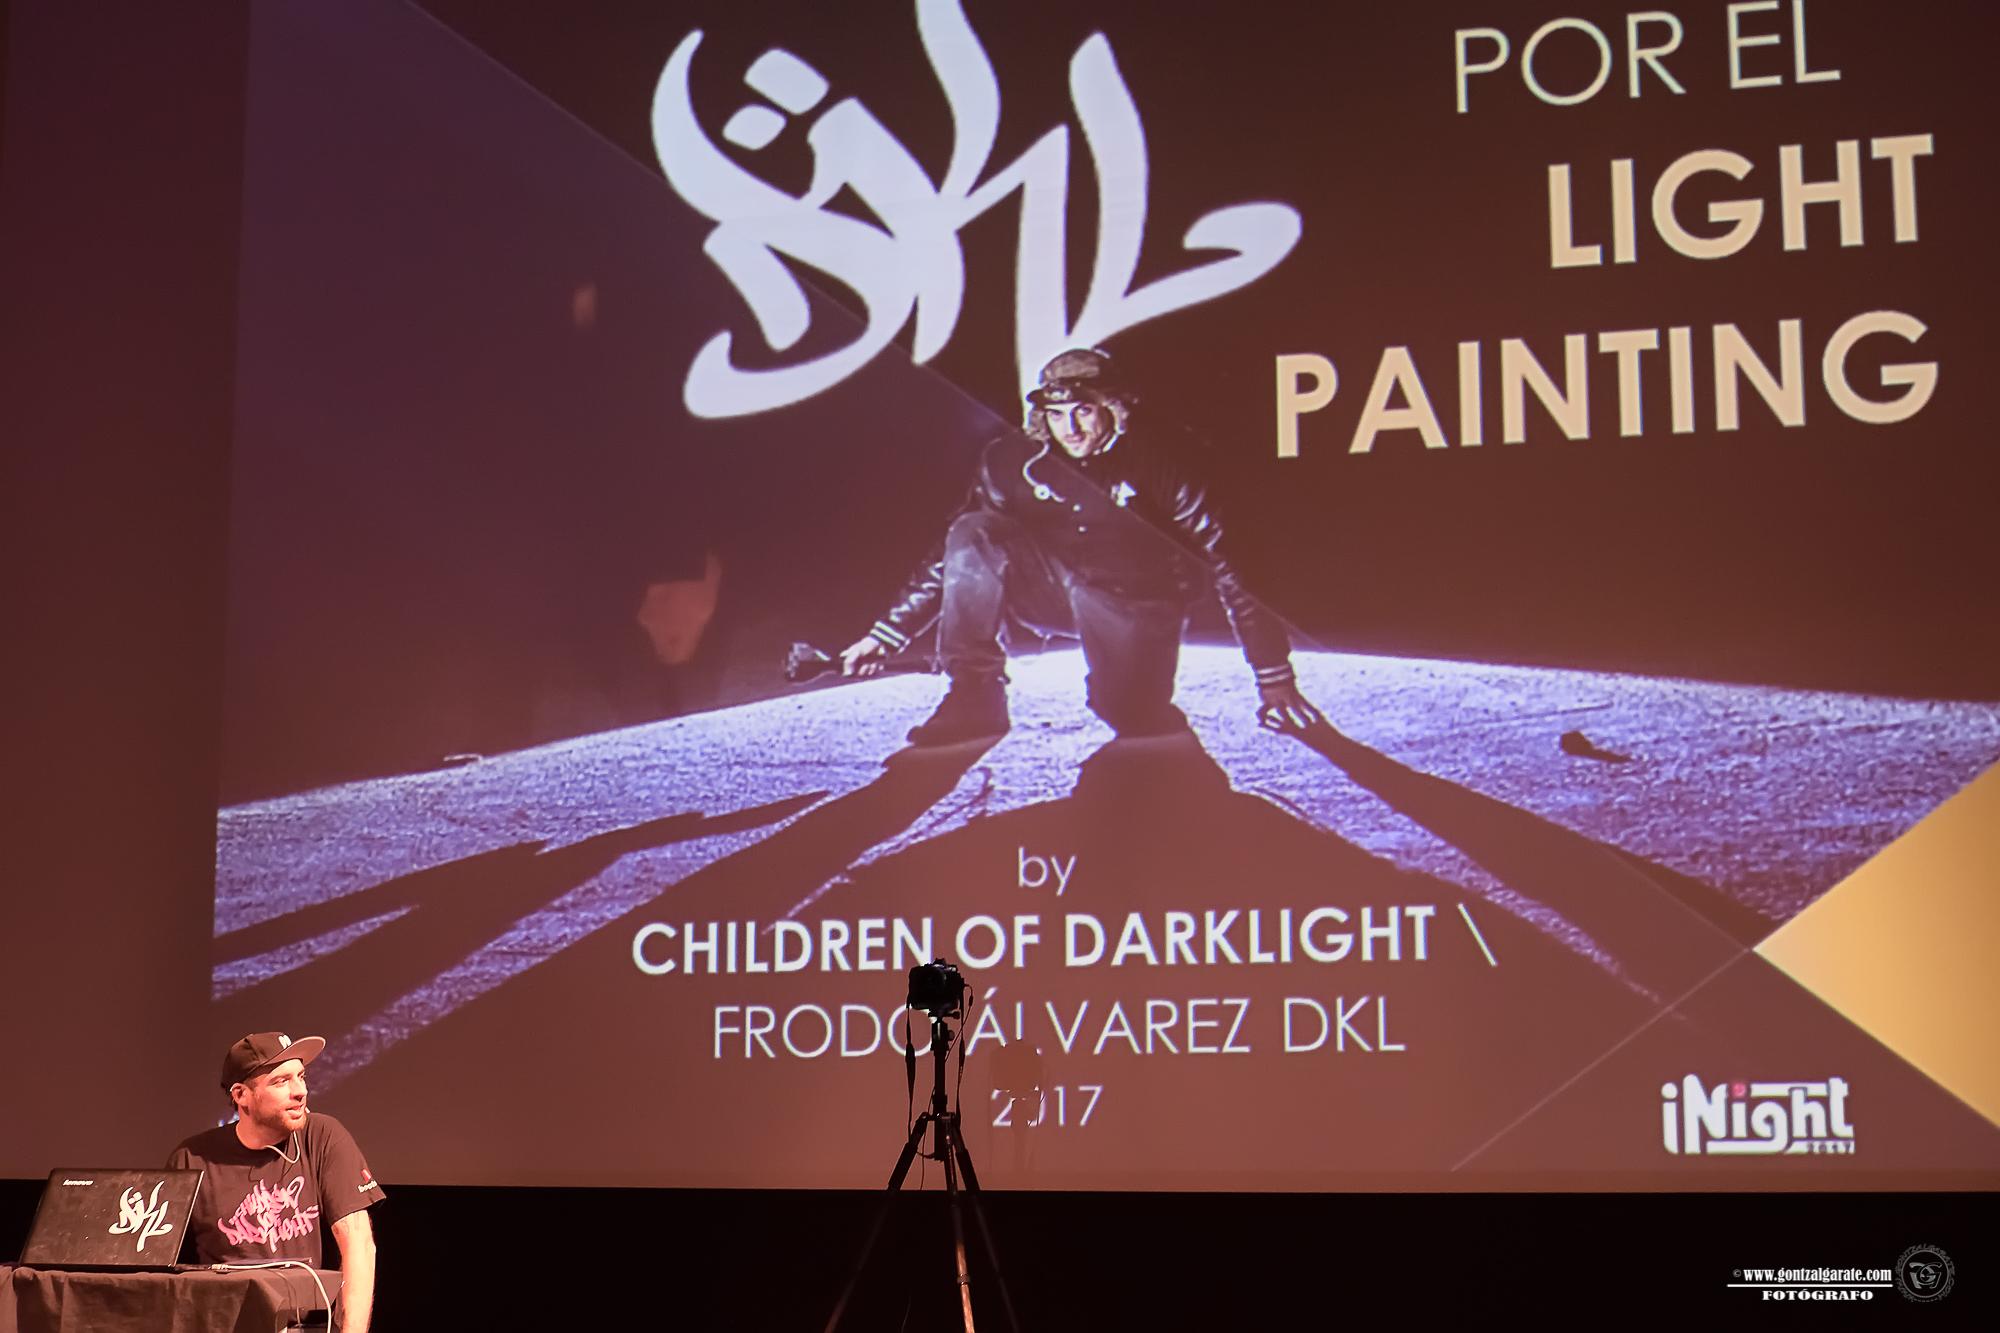 Frodo DKL at iNight 2017